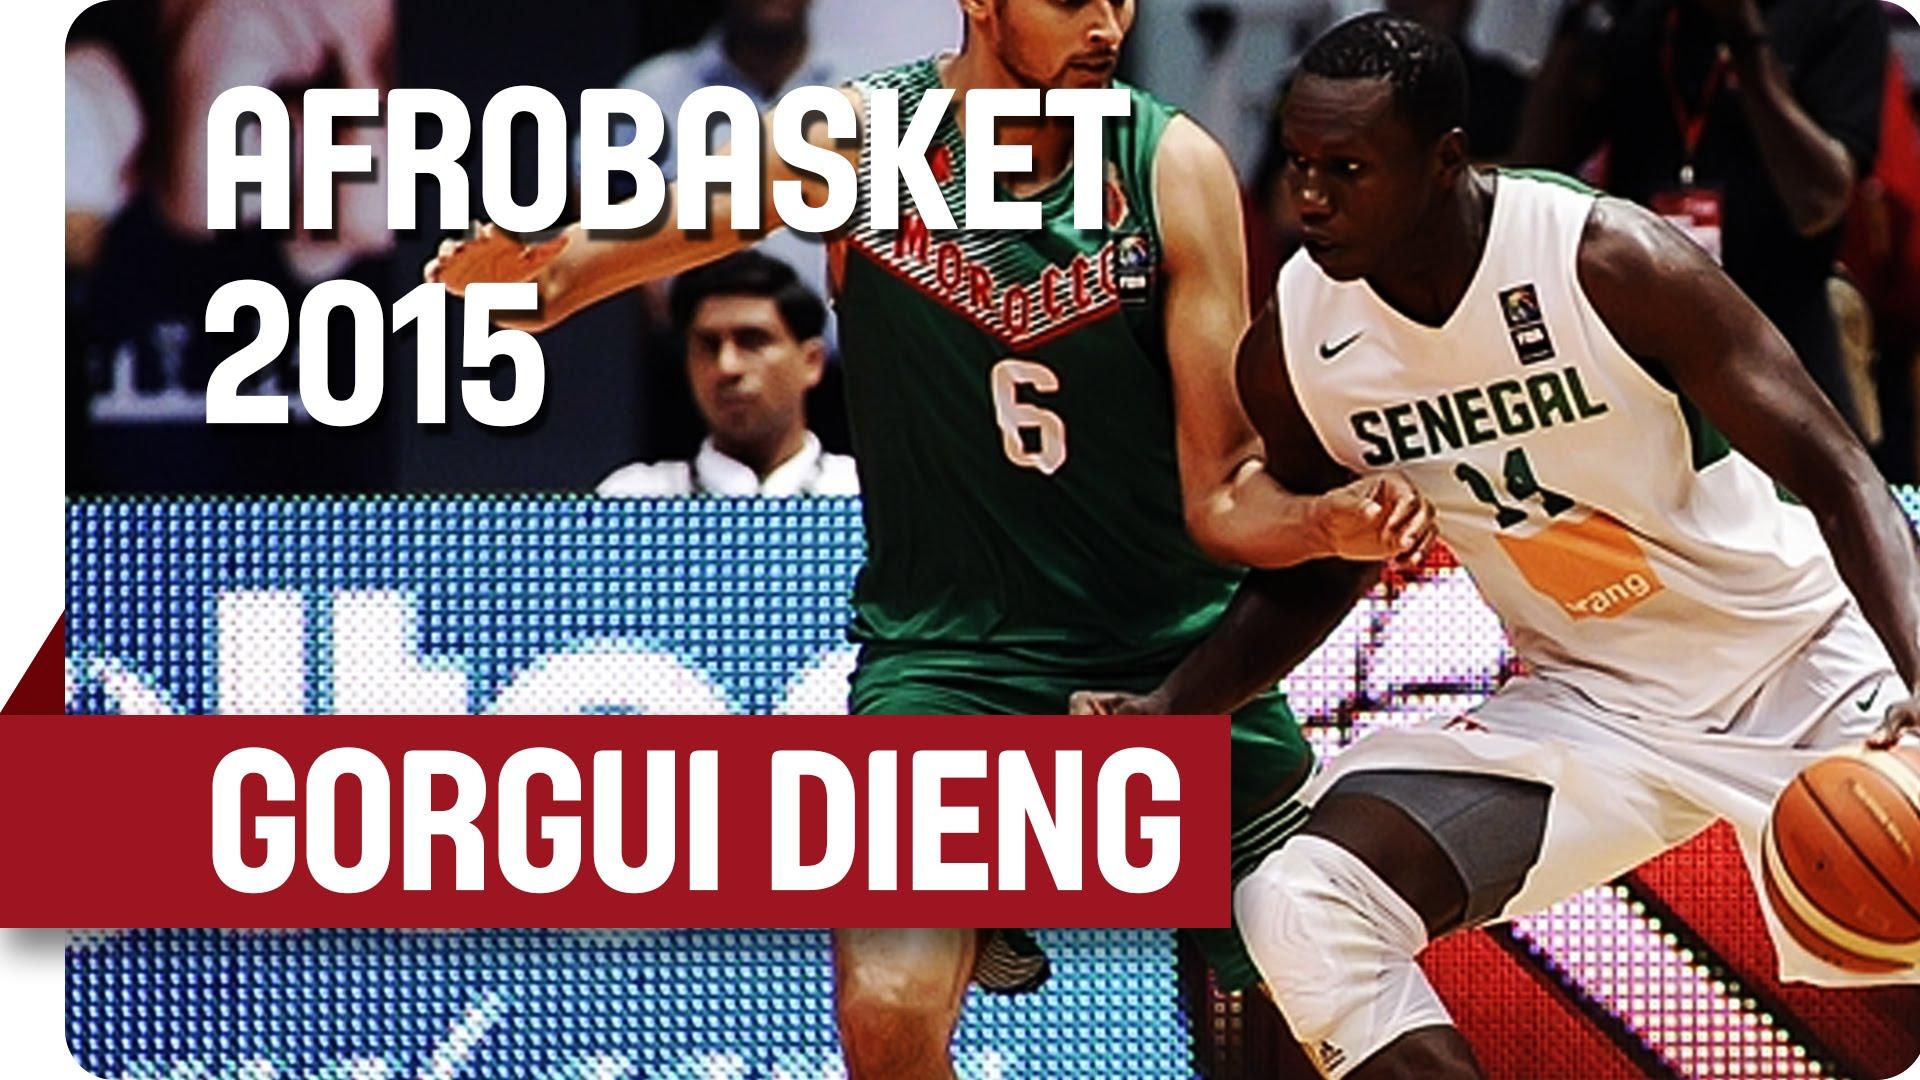 [Highlights] Afrobasket: Gorgui Dieng domine face au Maroc avec 26 points et 15 rebonds